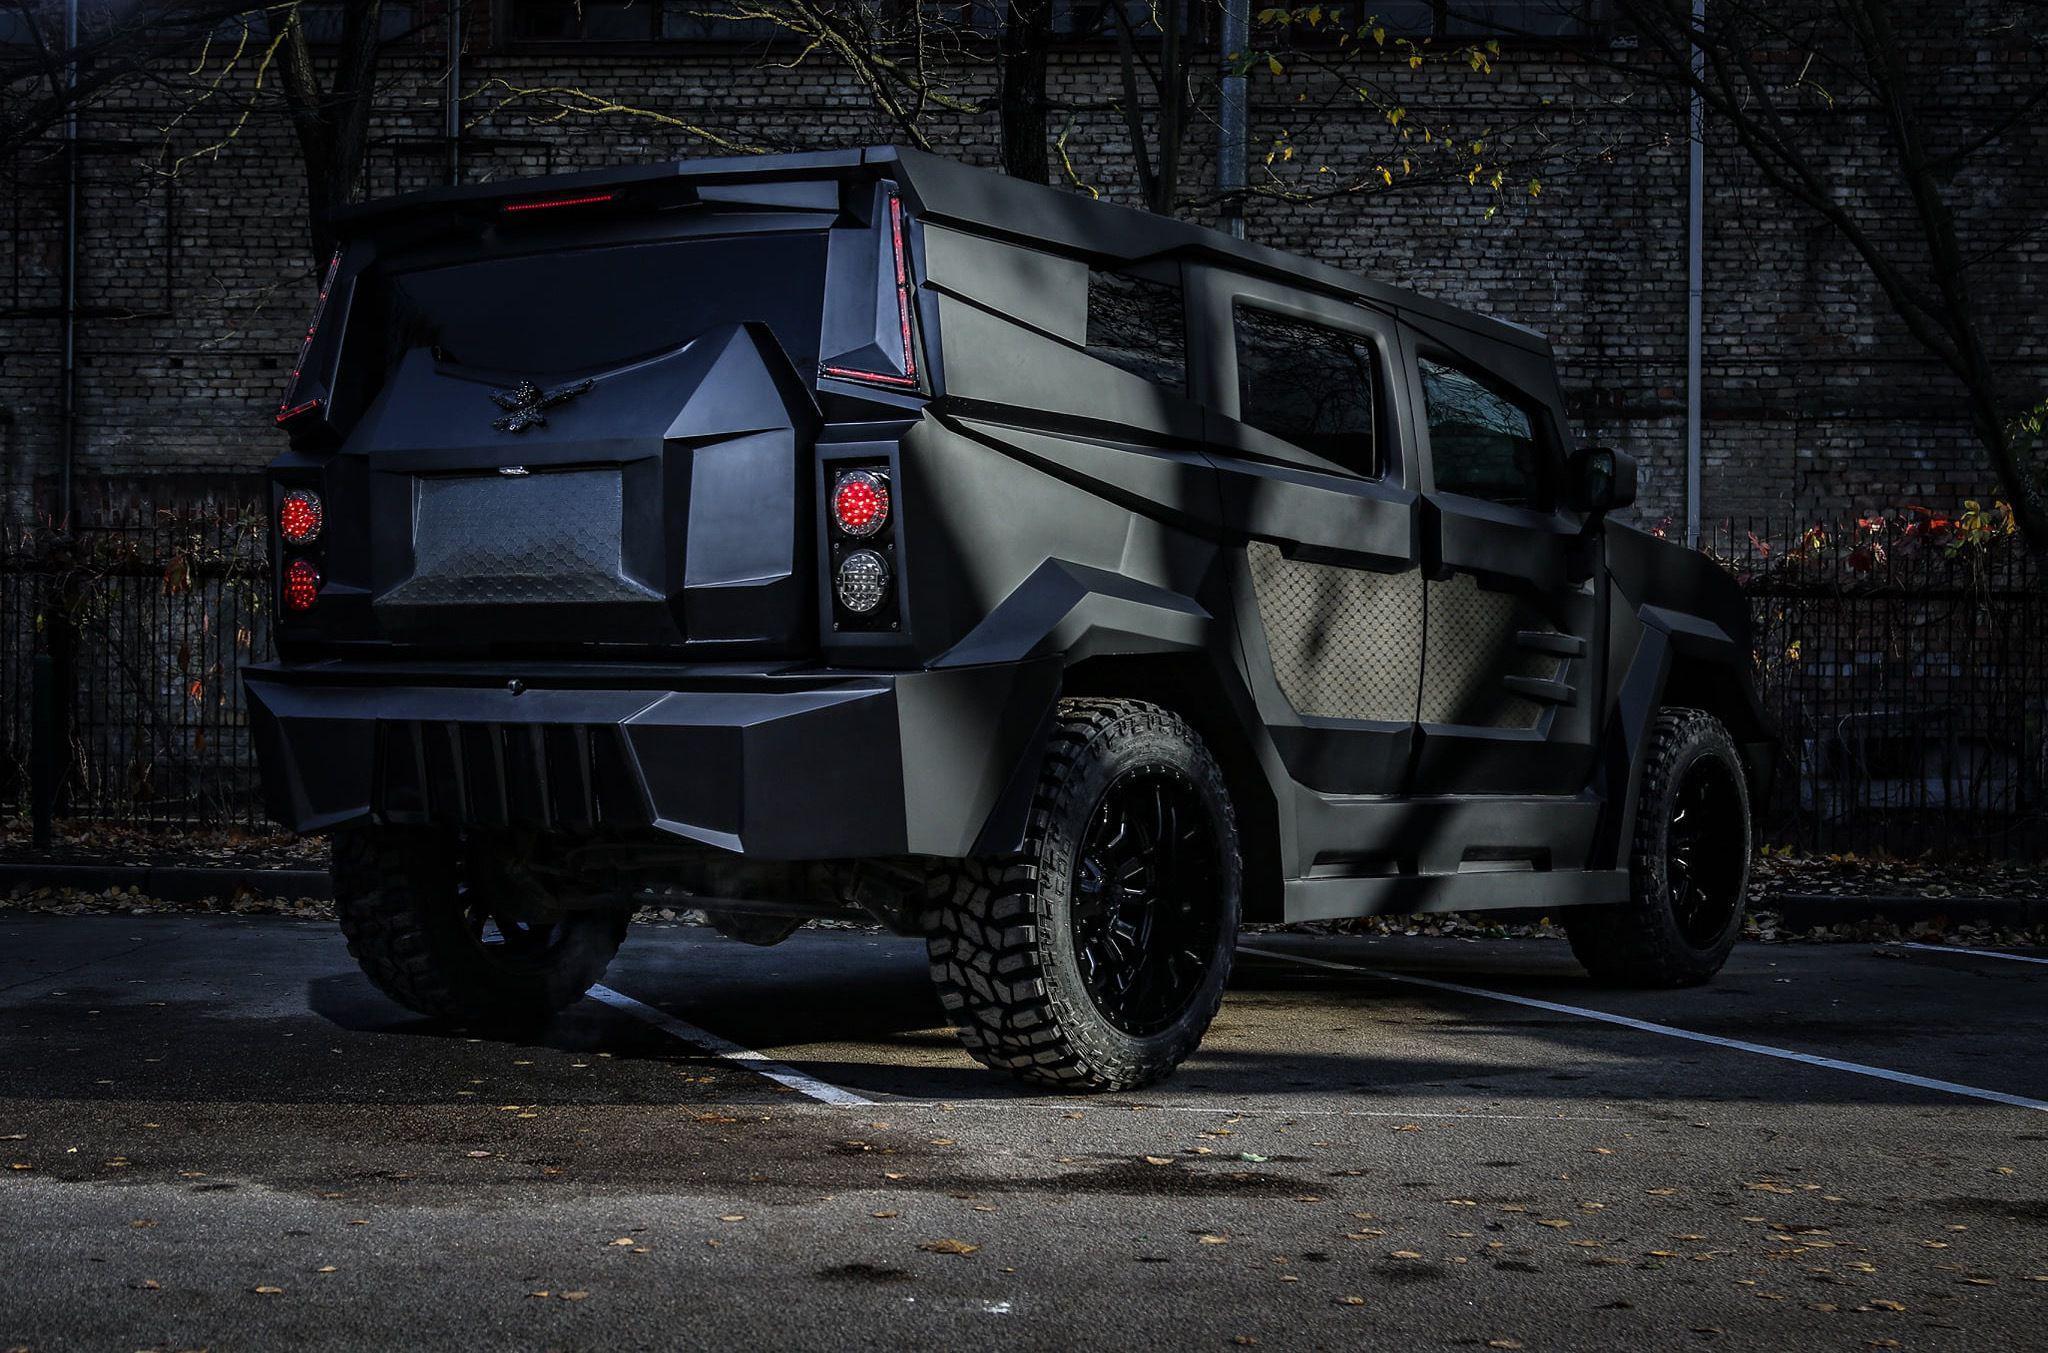 Компания Dartz Motorz, входящая в состав Dartz Grupa, выпускает бронированные вездеходы (на фото и видео), построенные в основном на агрегатах грузовичков концерна General Motors. Теперь прибалты объявили о намерении производить машины под брендом Freze.